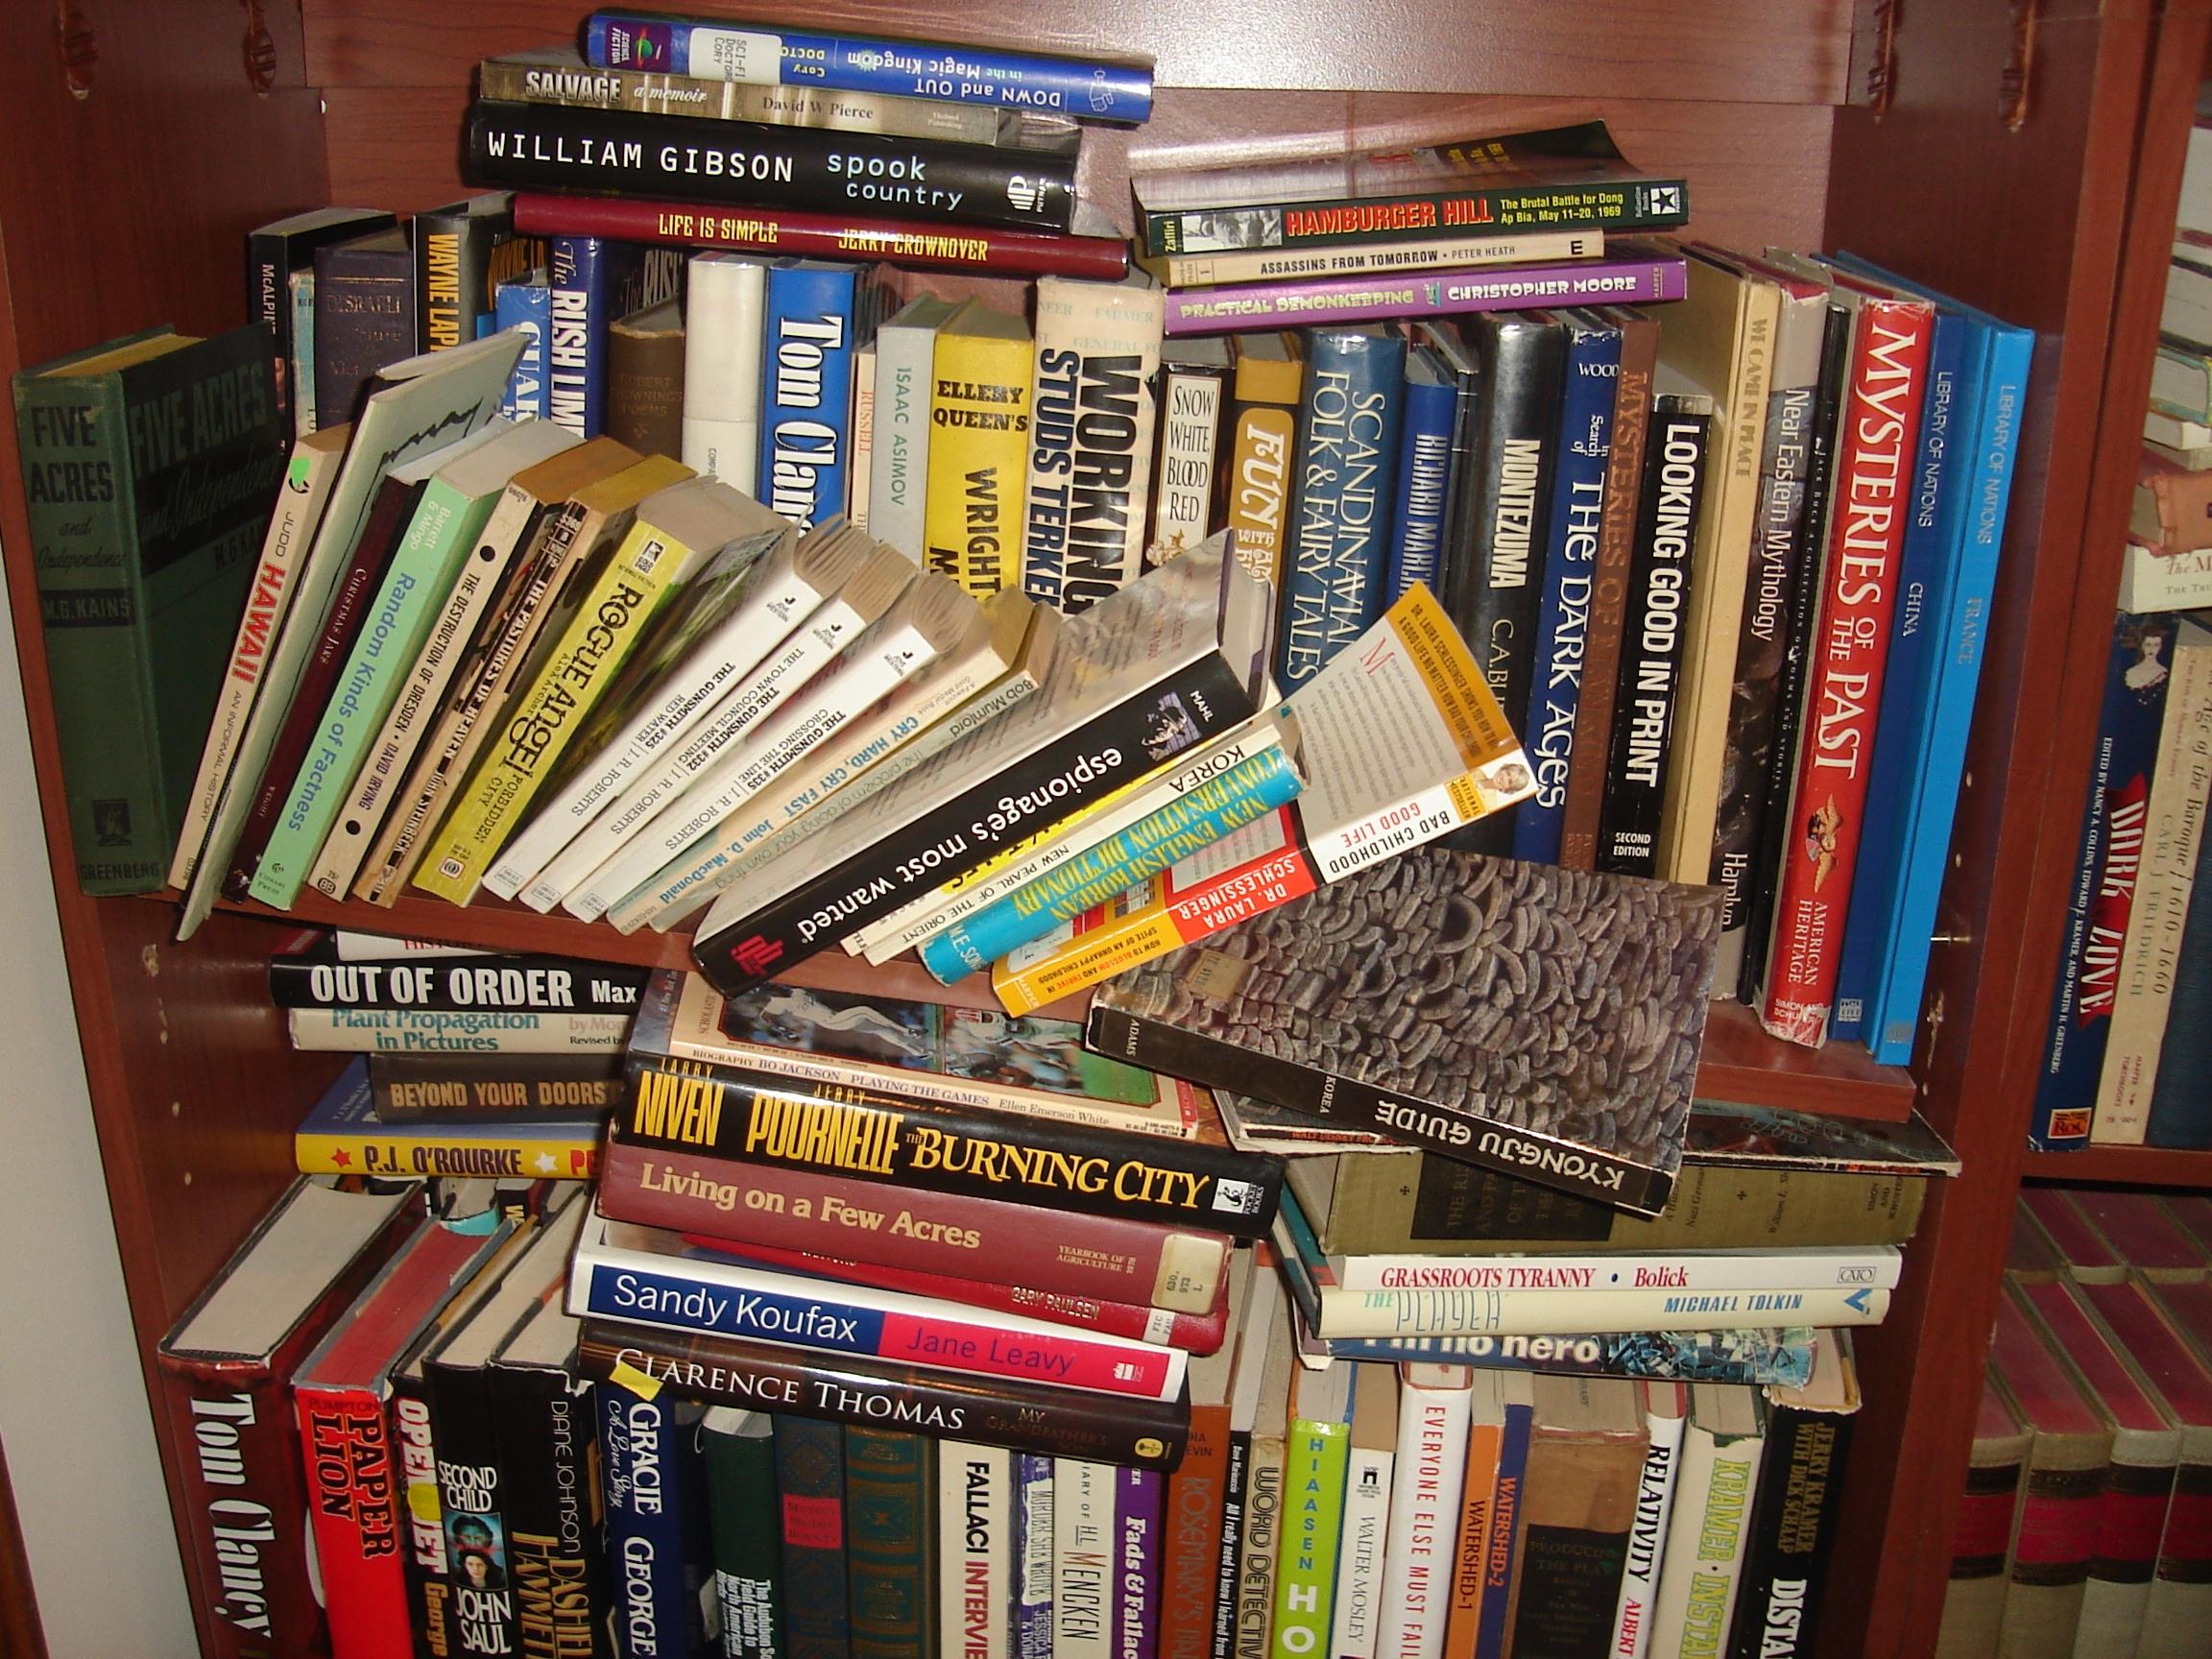 The Bookshelf, broken again